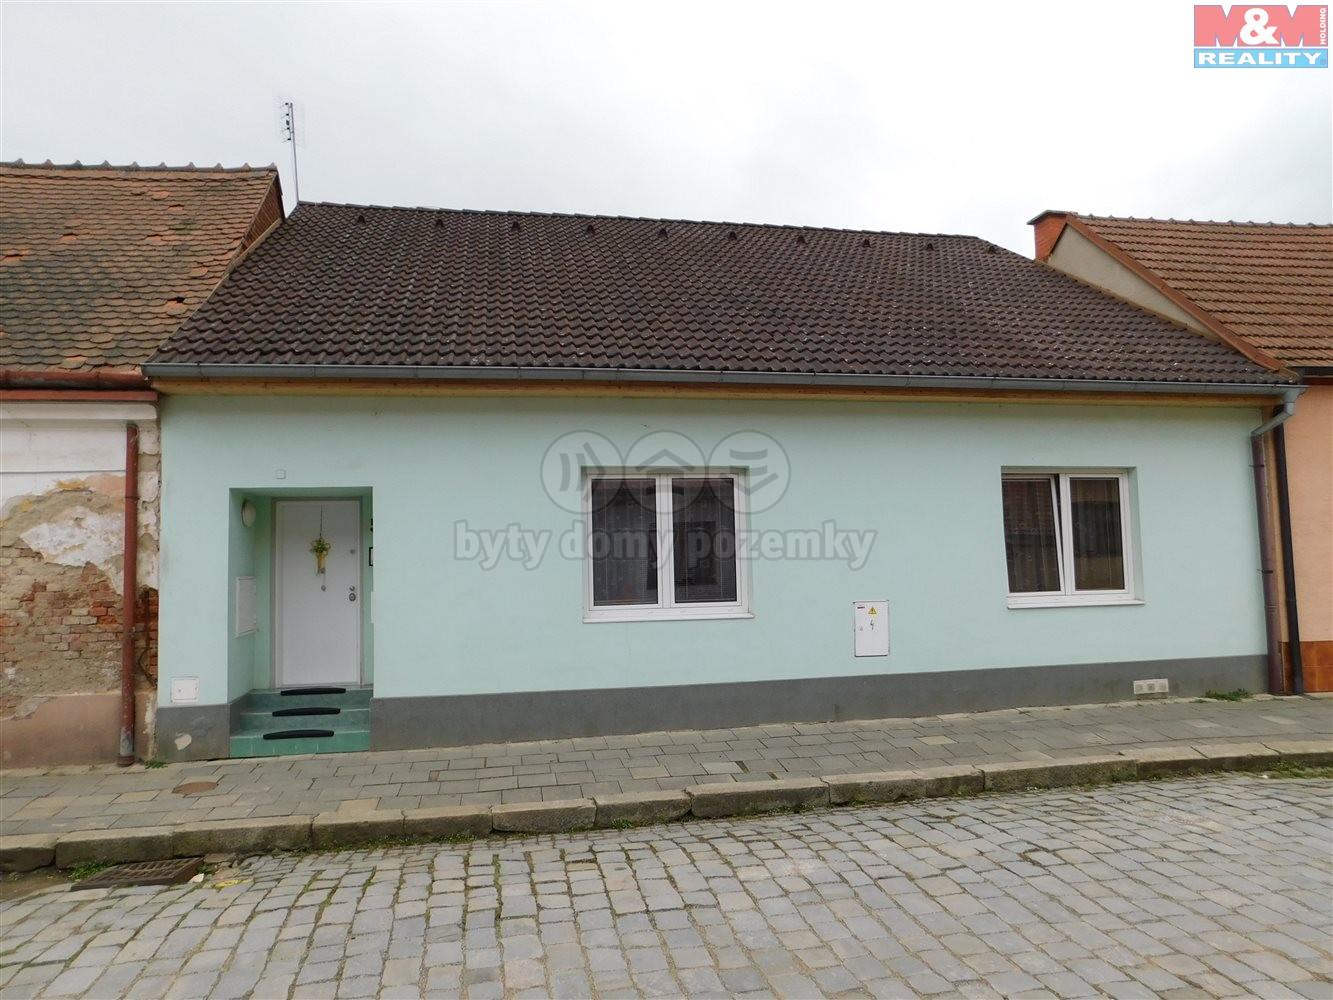 Prodej, rodinný dům, 3+1, 1118 m2, Dolní Kounice